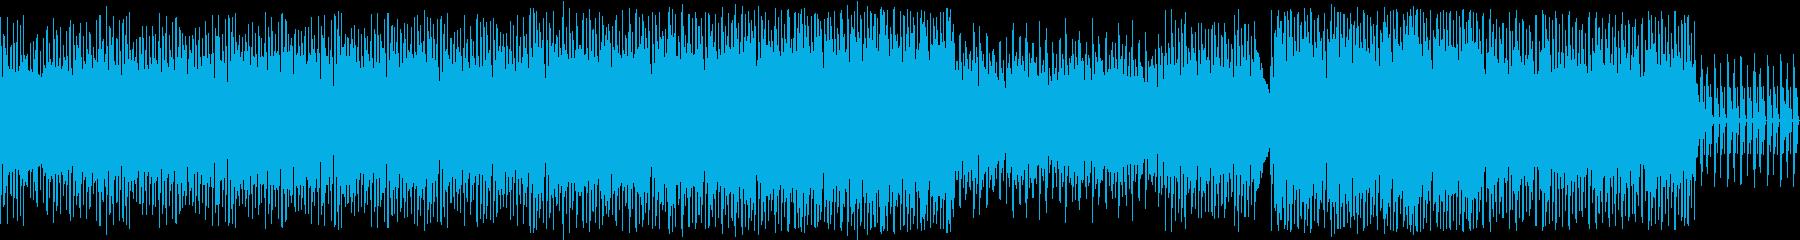 ホラー/エレクトロ/ハロウィンの再生済みの波形